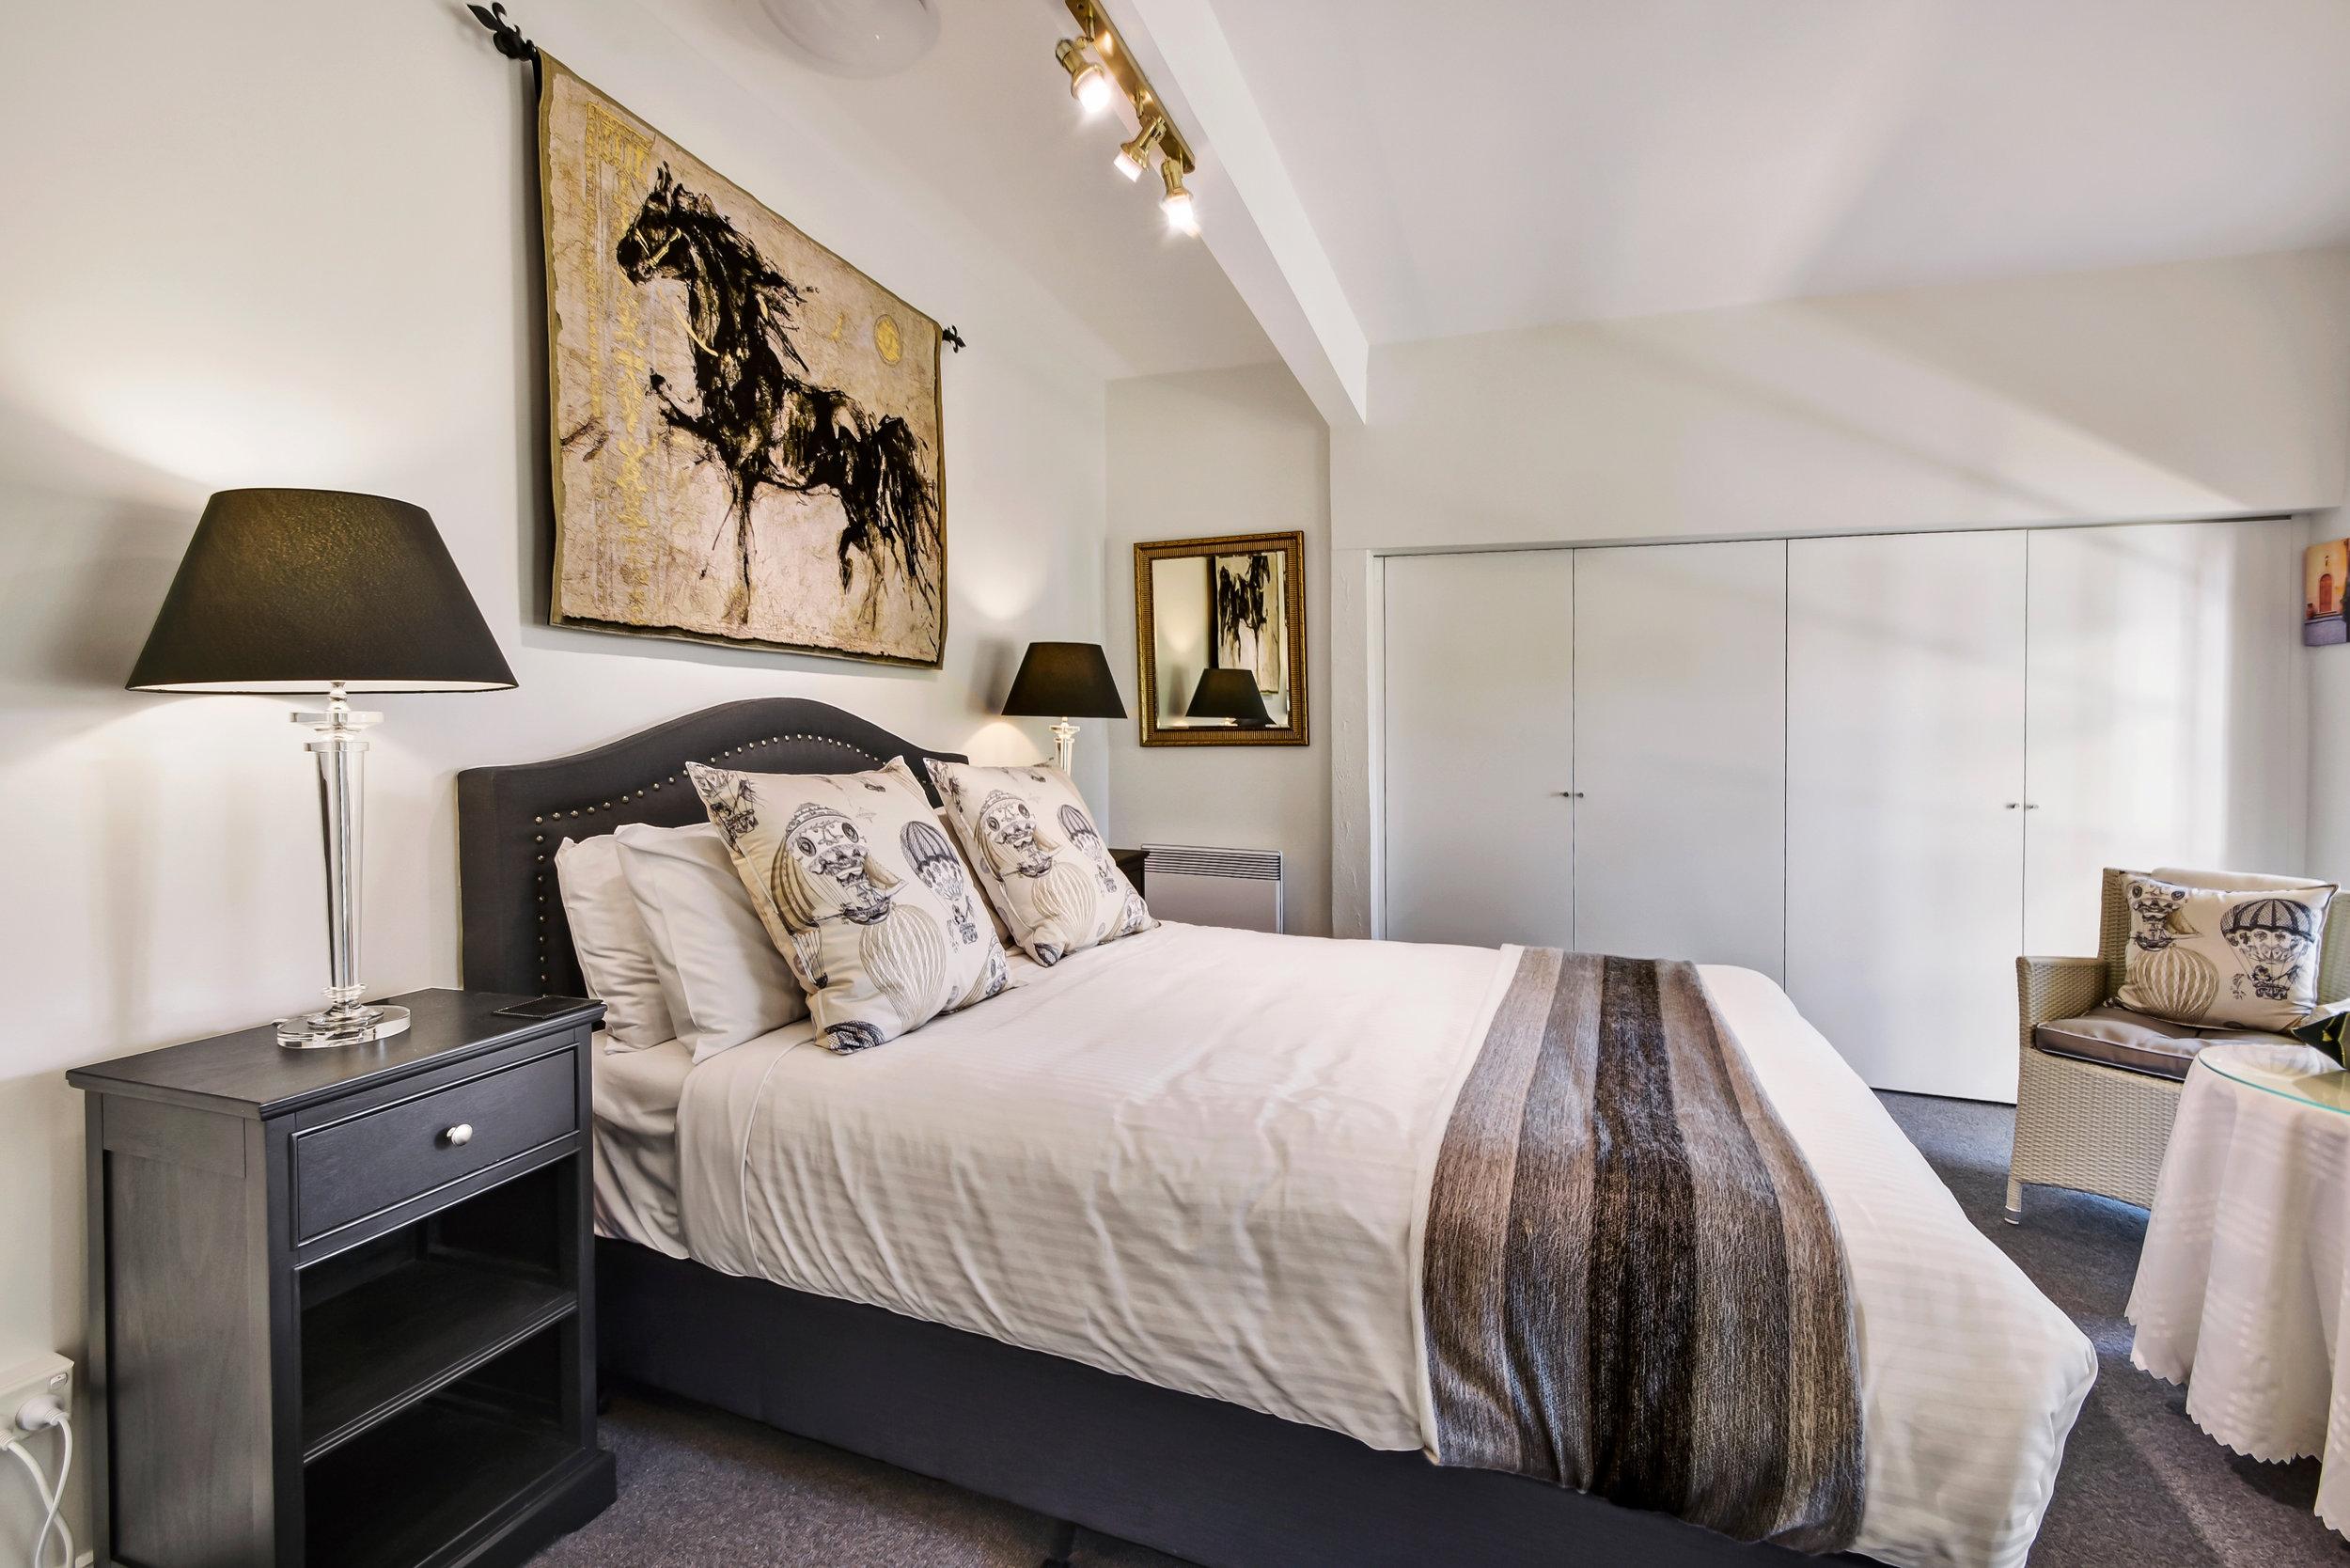 1 Queen bed | max 2 people